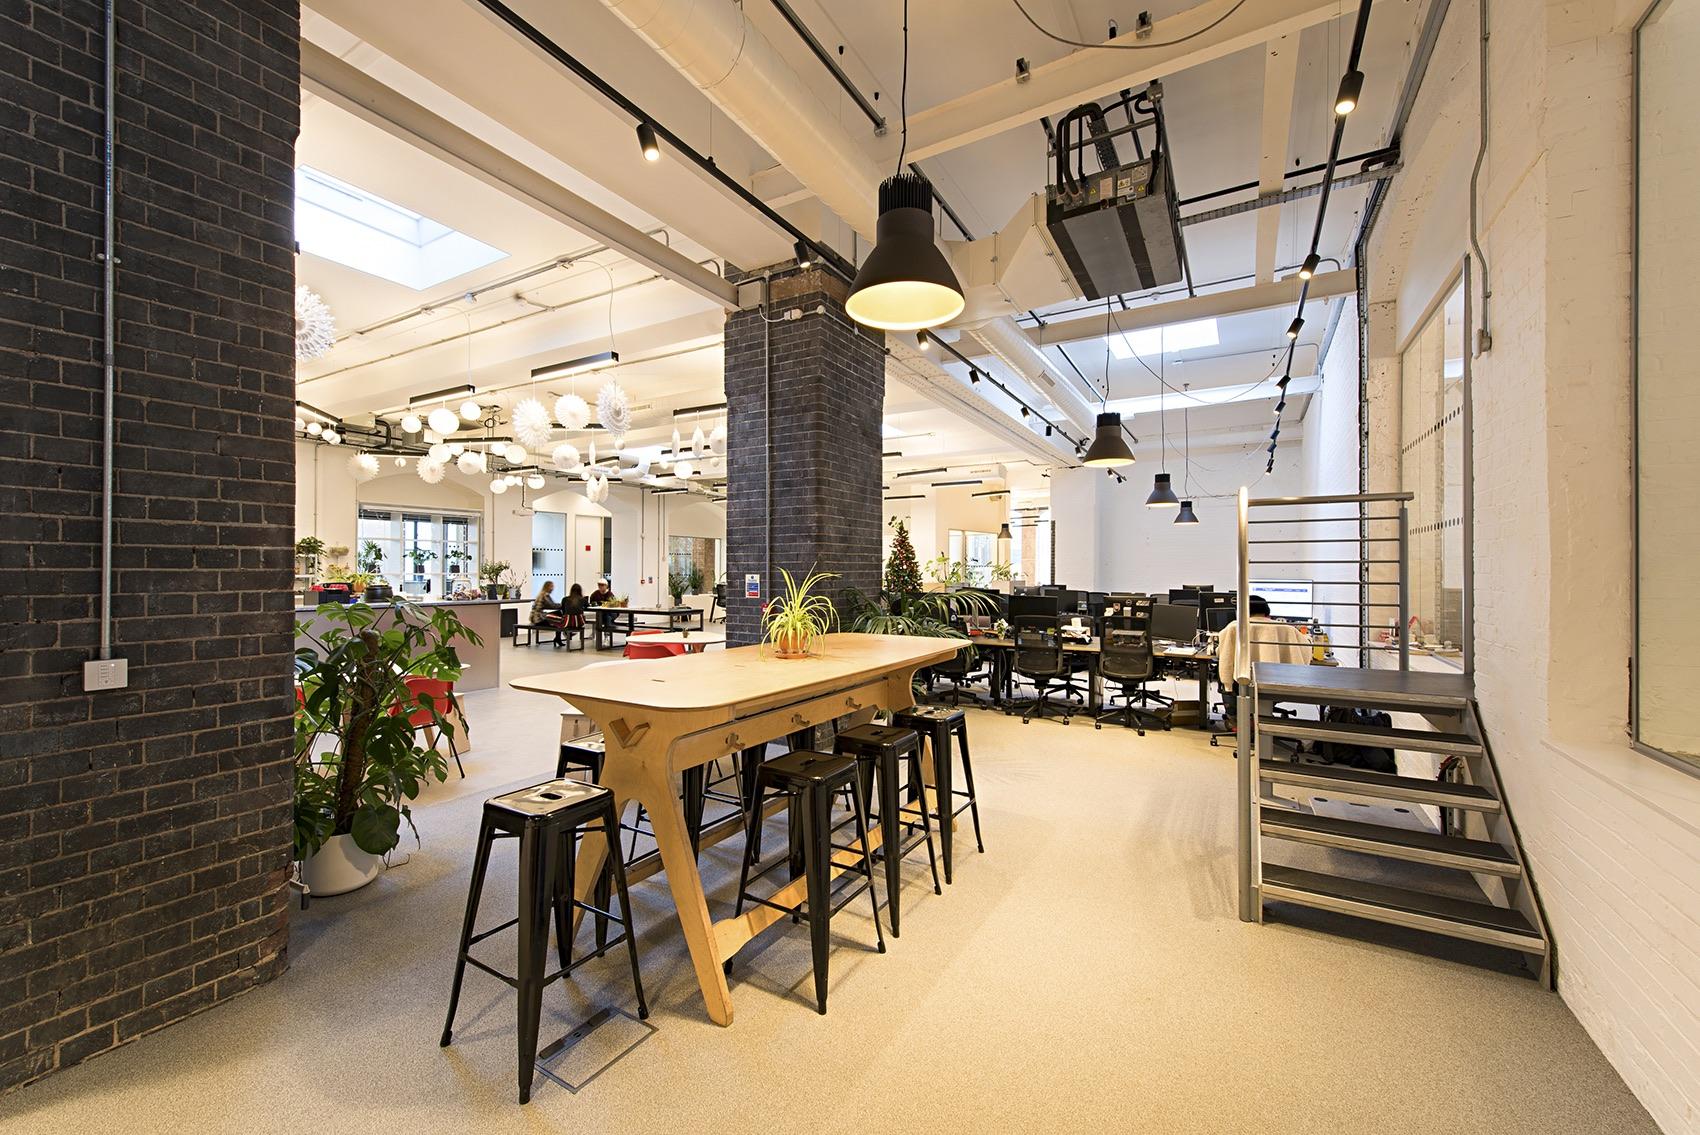 depop-london-office-4